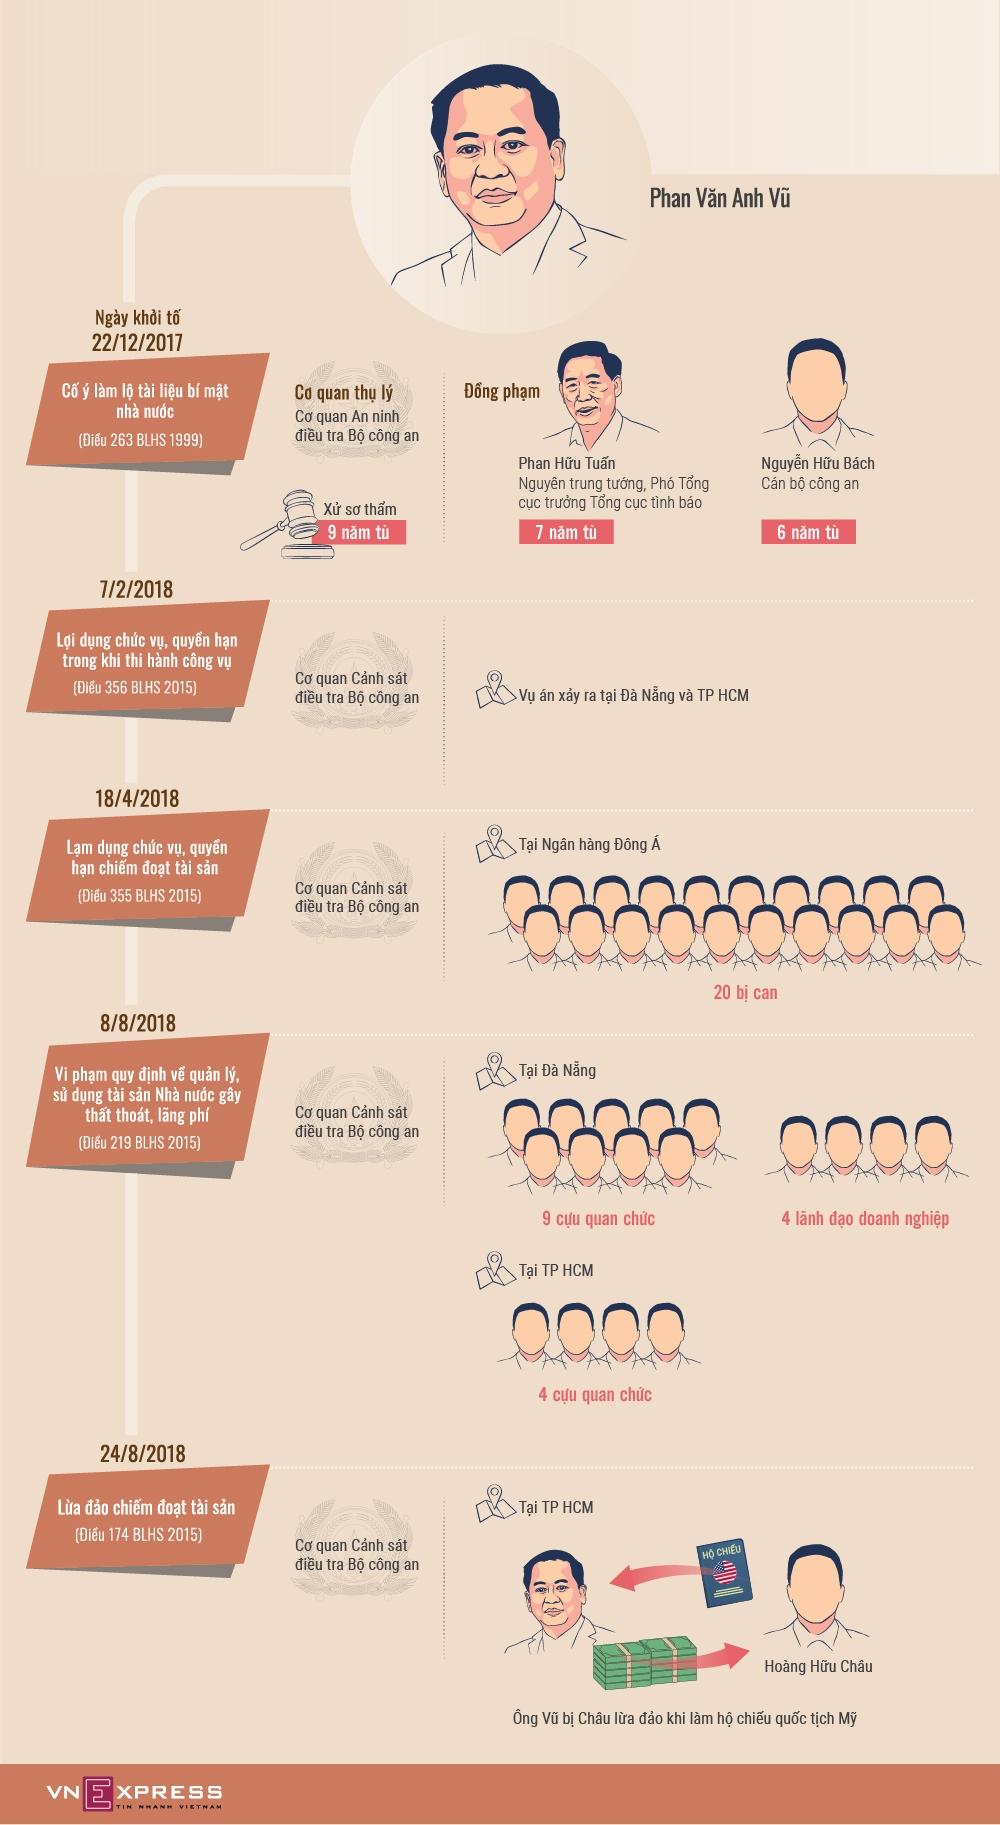 5 vụ án liên quan Phan Văn Anh Vũ và hàng loạt quan chức